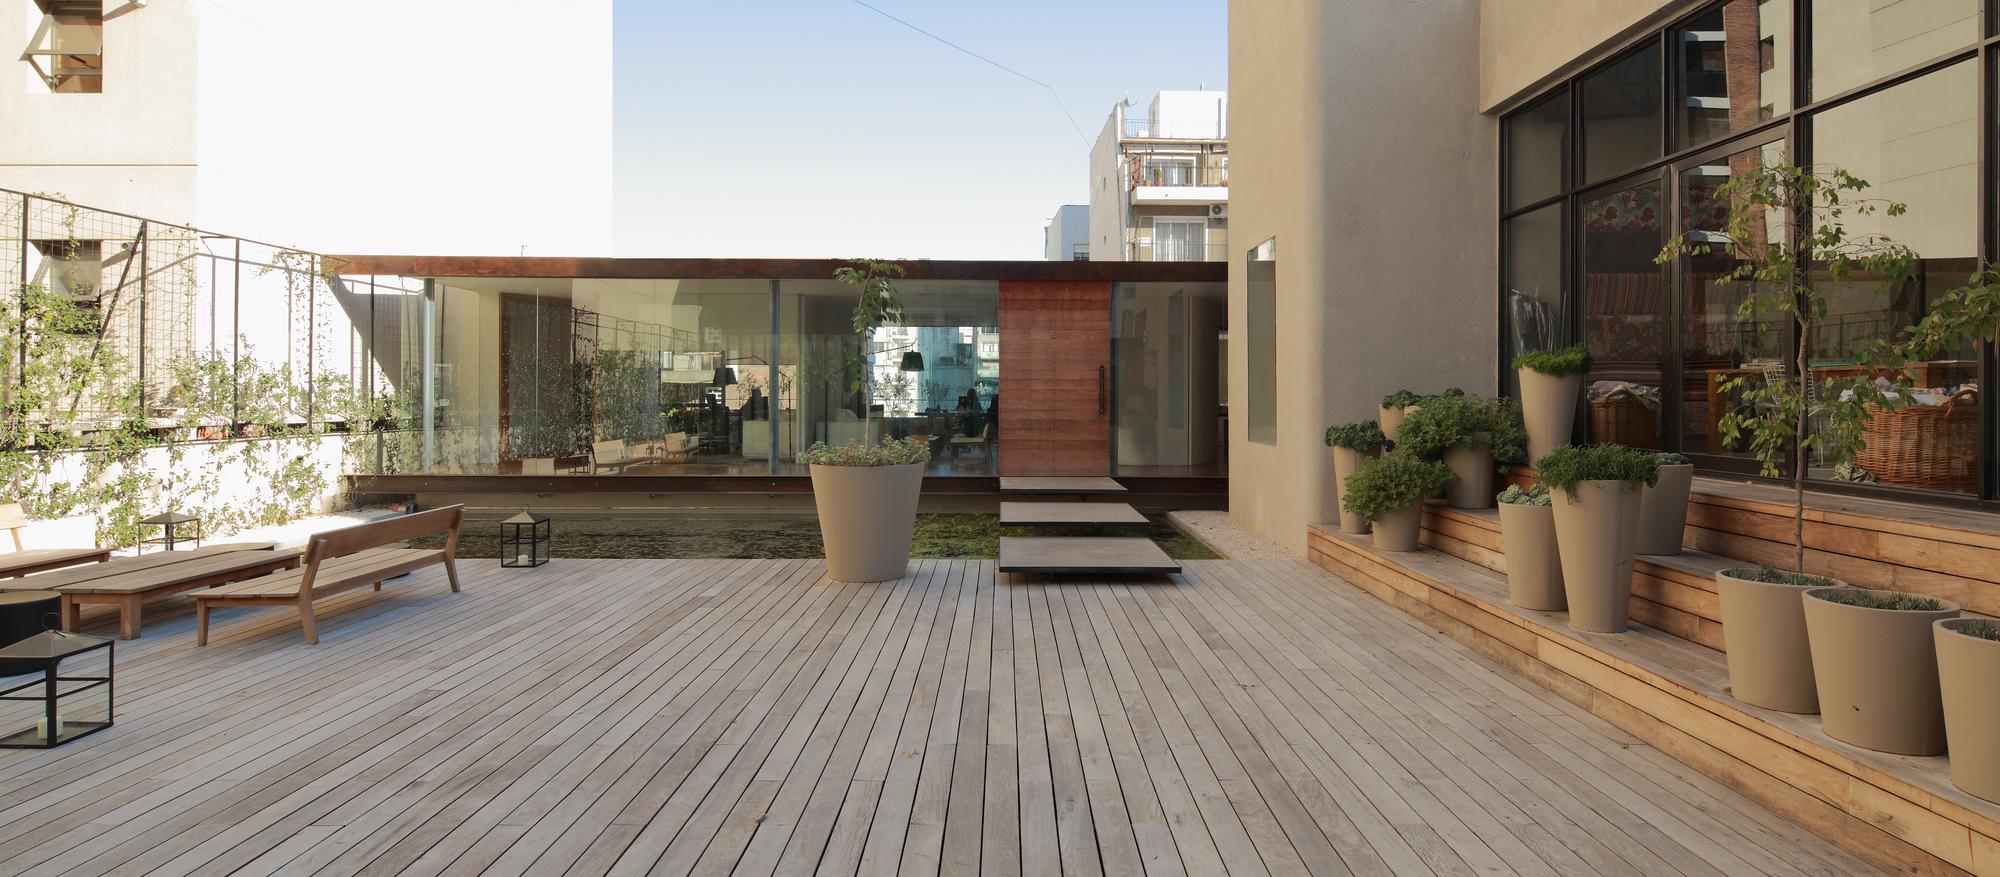 521cbbe3e8e44effd4000069_textiles-del-sur-offices-ana-smud_exterior_volumen.jpg